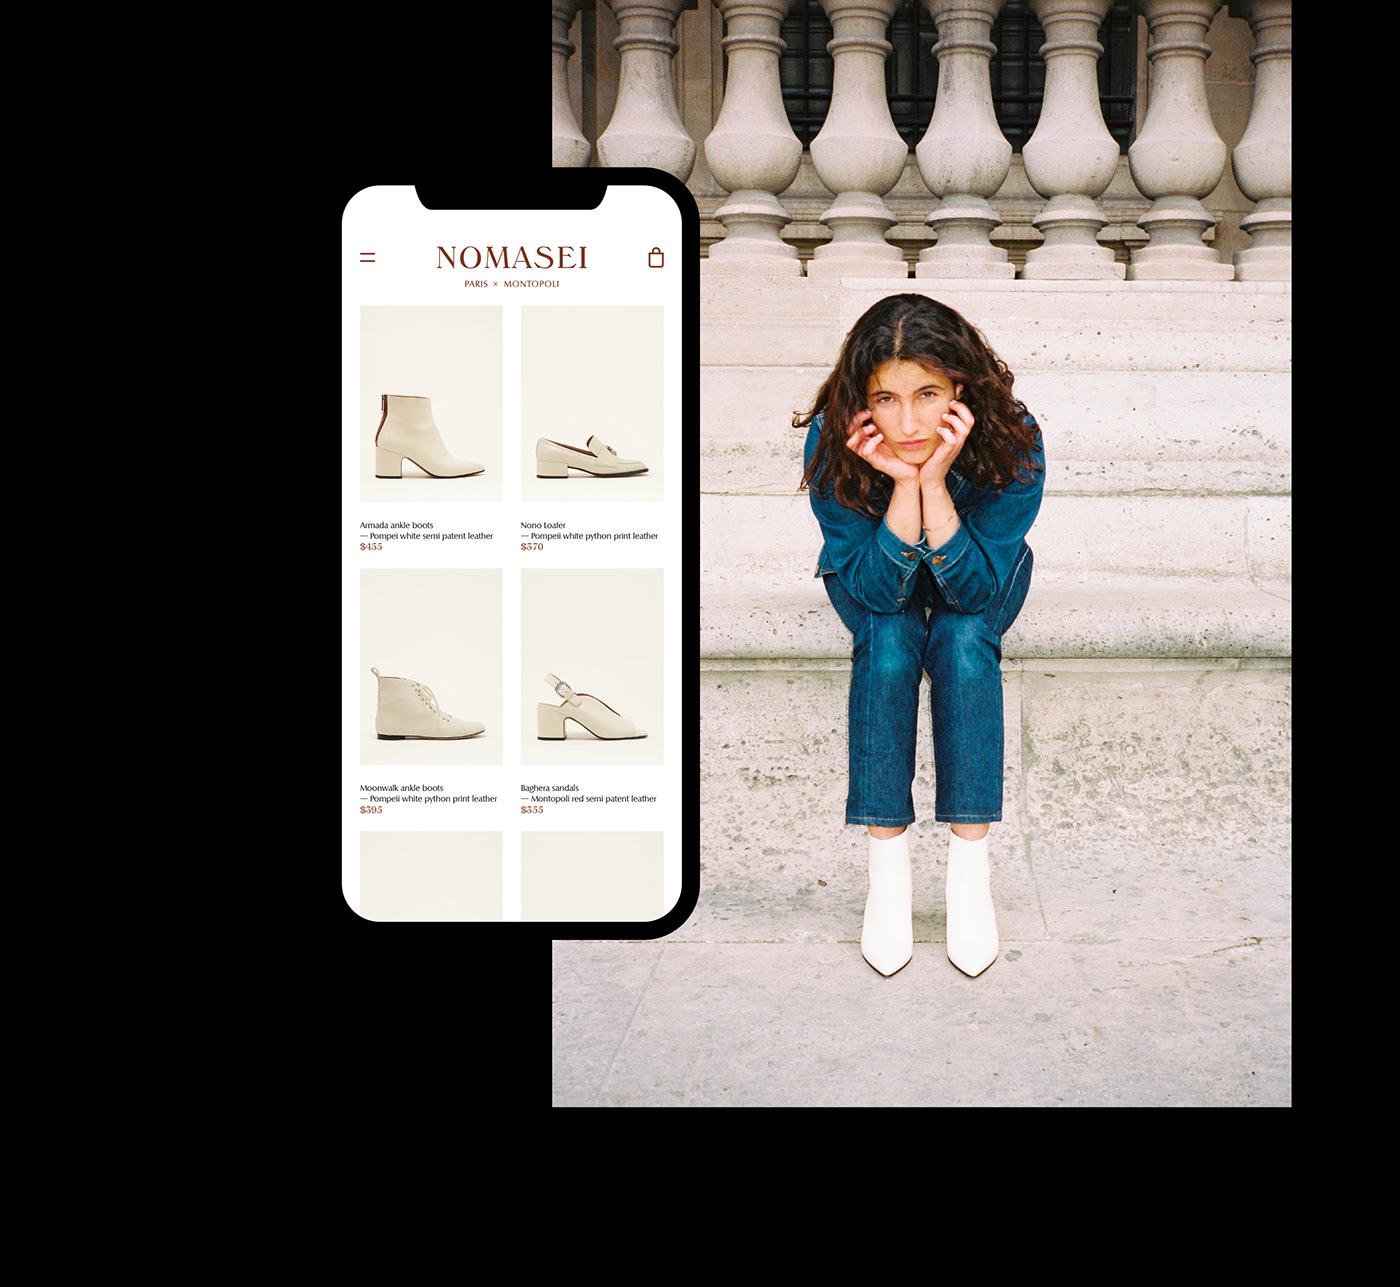 ui design UX design Web Design  identity Fashion  e-shop e-commerce